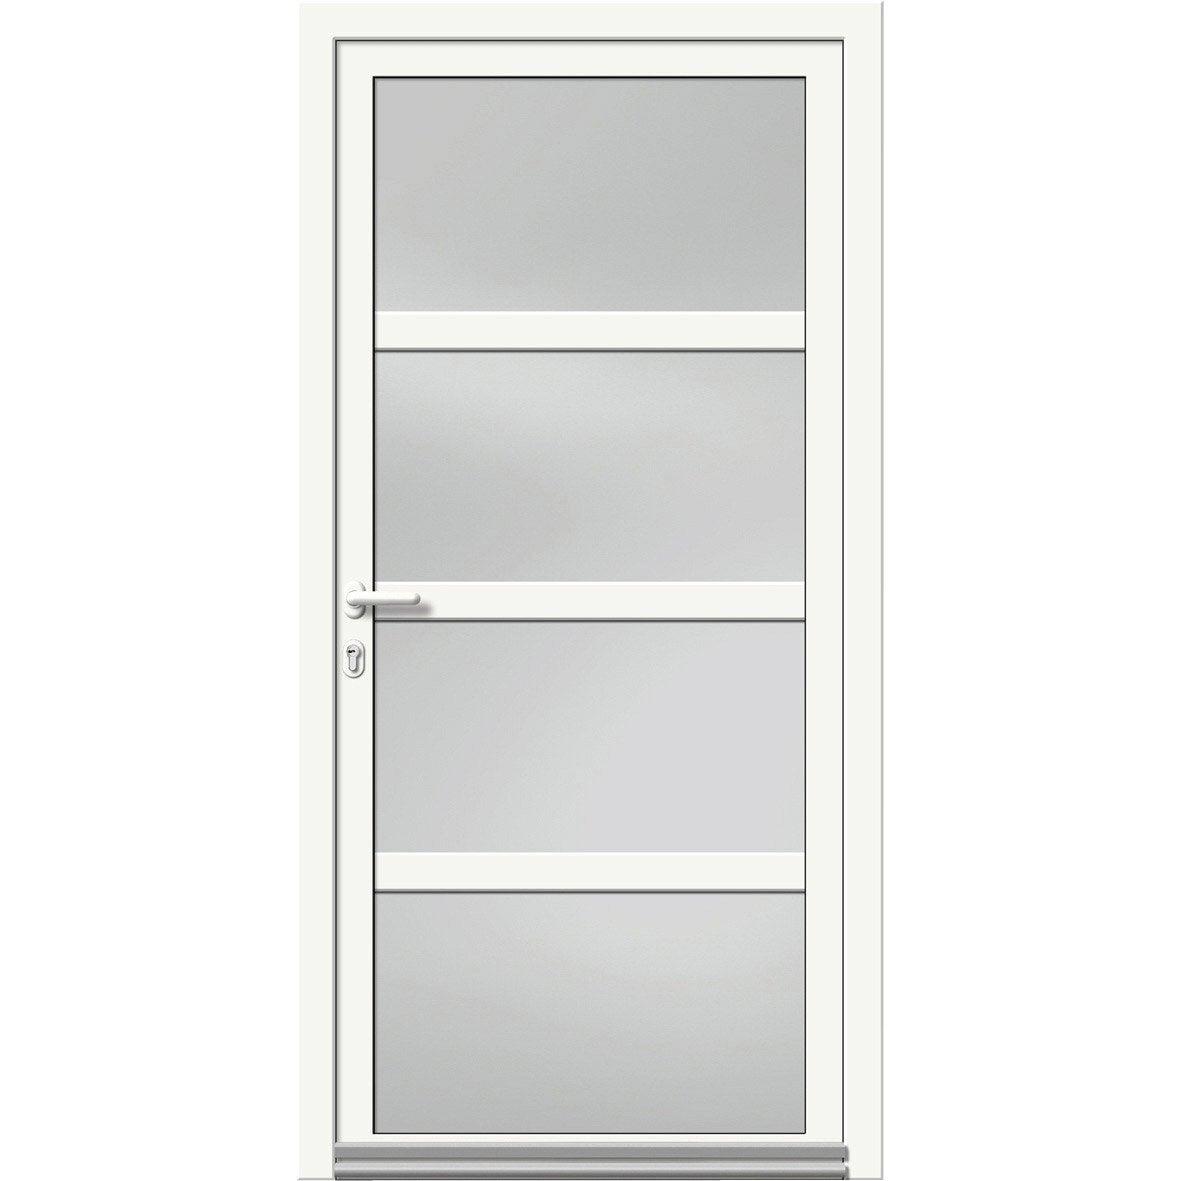 Porte d 39 entr e aluminium nova artens poussant gauche h215 x l90 cm leroy merlin - Porte d entree 200 x 90 ...